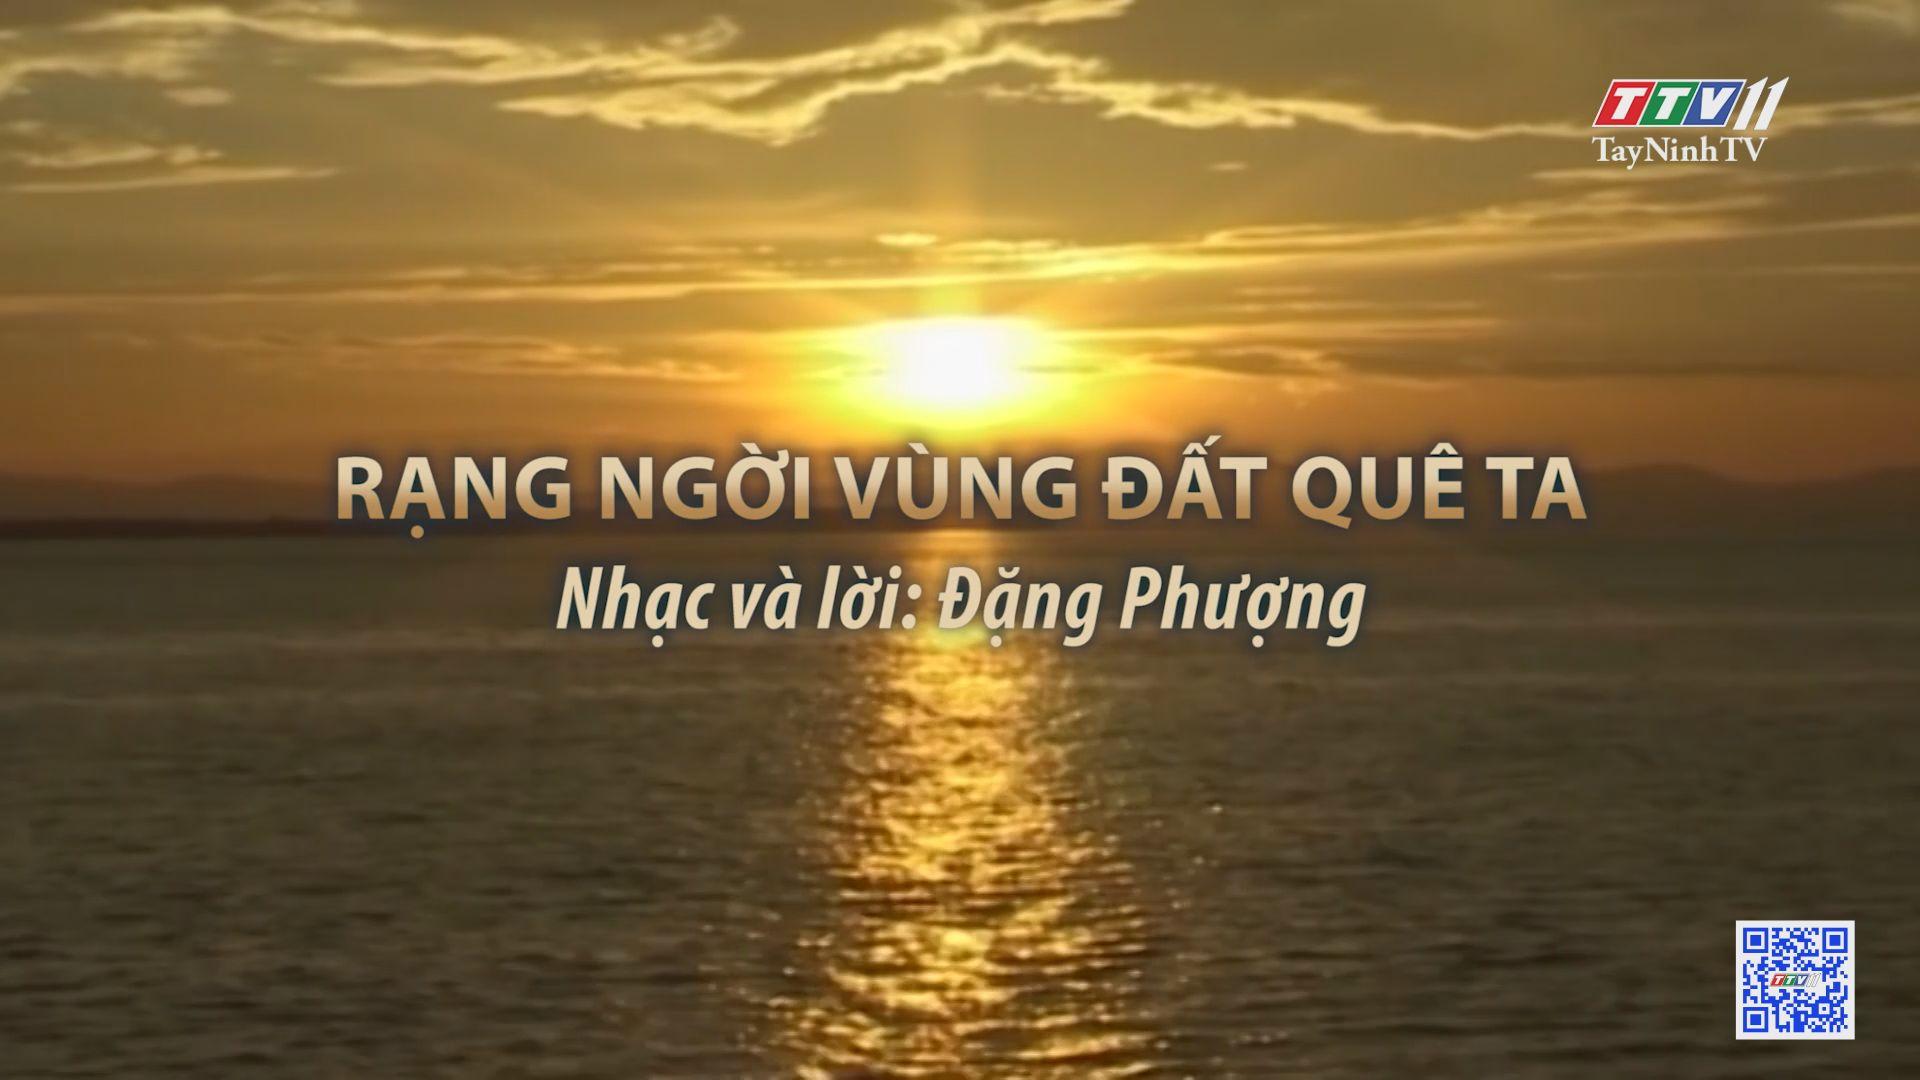 Rạng ngời vùng đất quê ta | Tuyển tập karaoke Tây Ninh tình yêu trong tôi | TayNinhTV